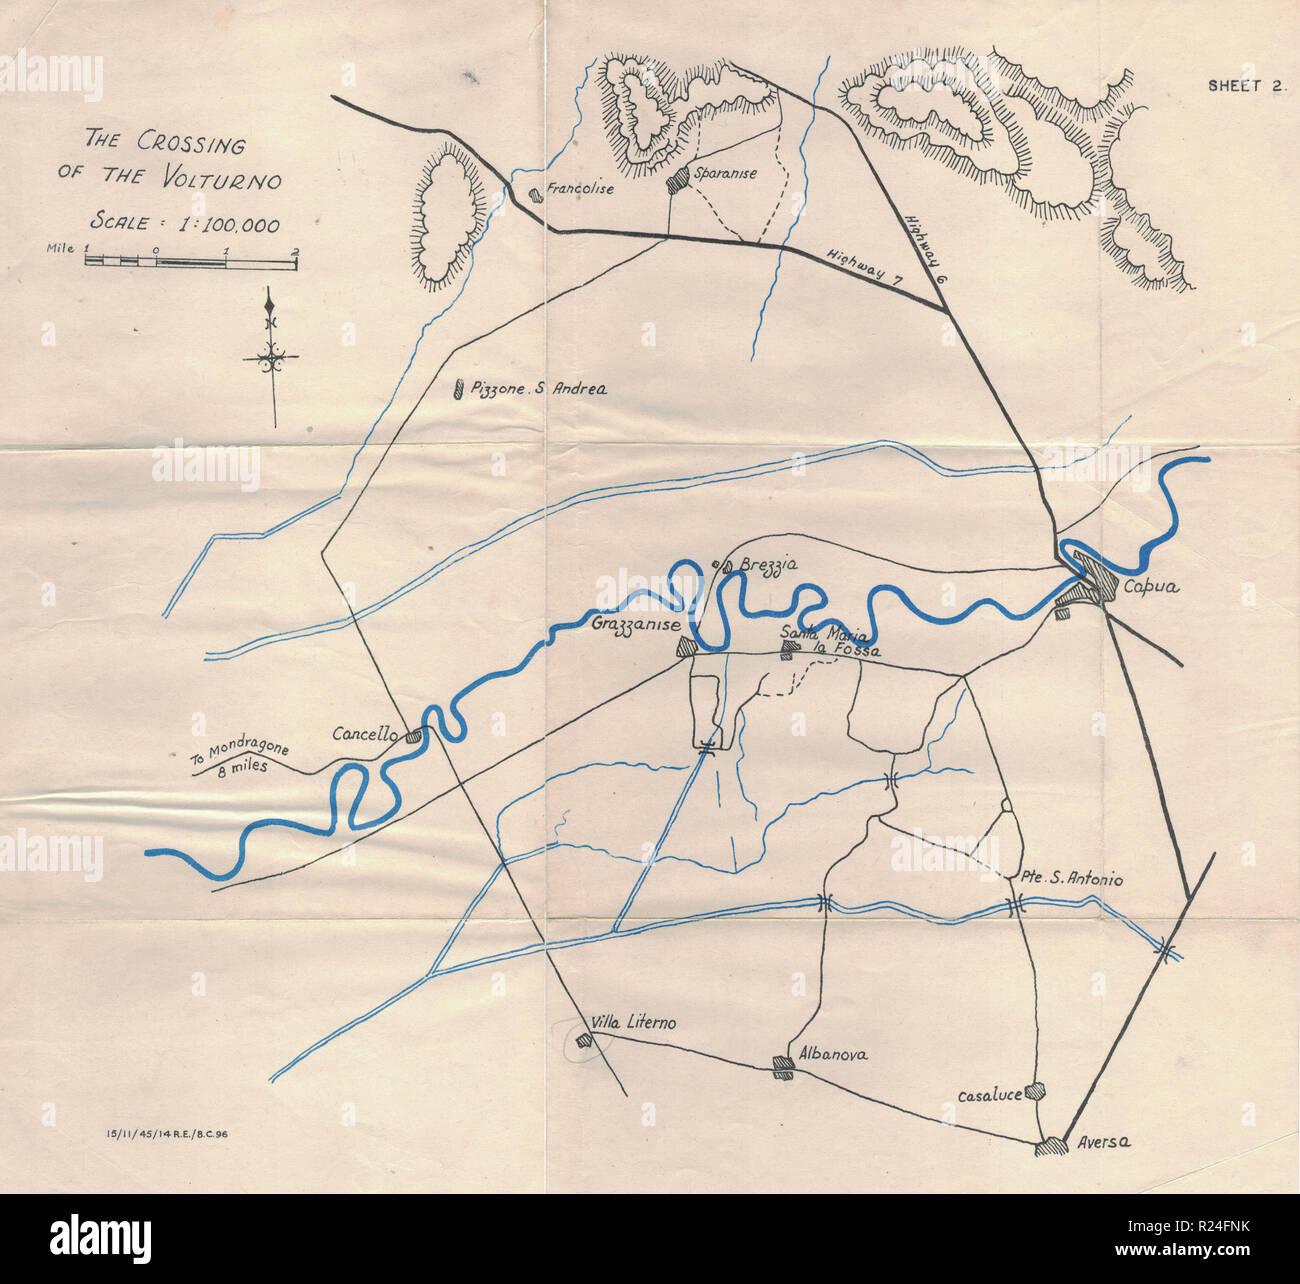 Guerra Mondiale 2 Campagna europea mappe 1945, attraversando il Volturno Immagini Stock